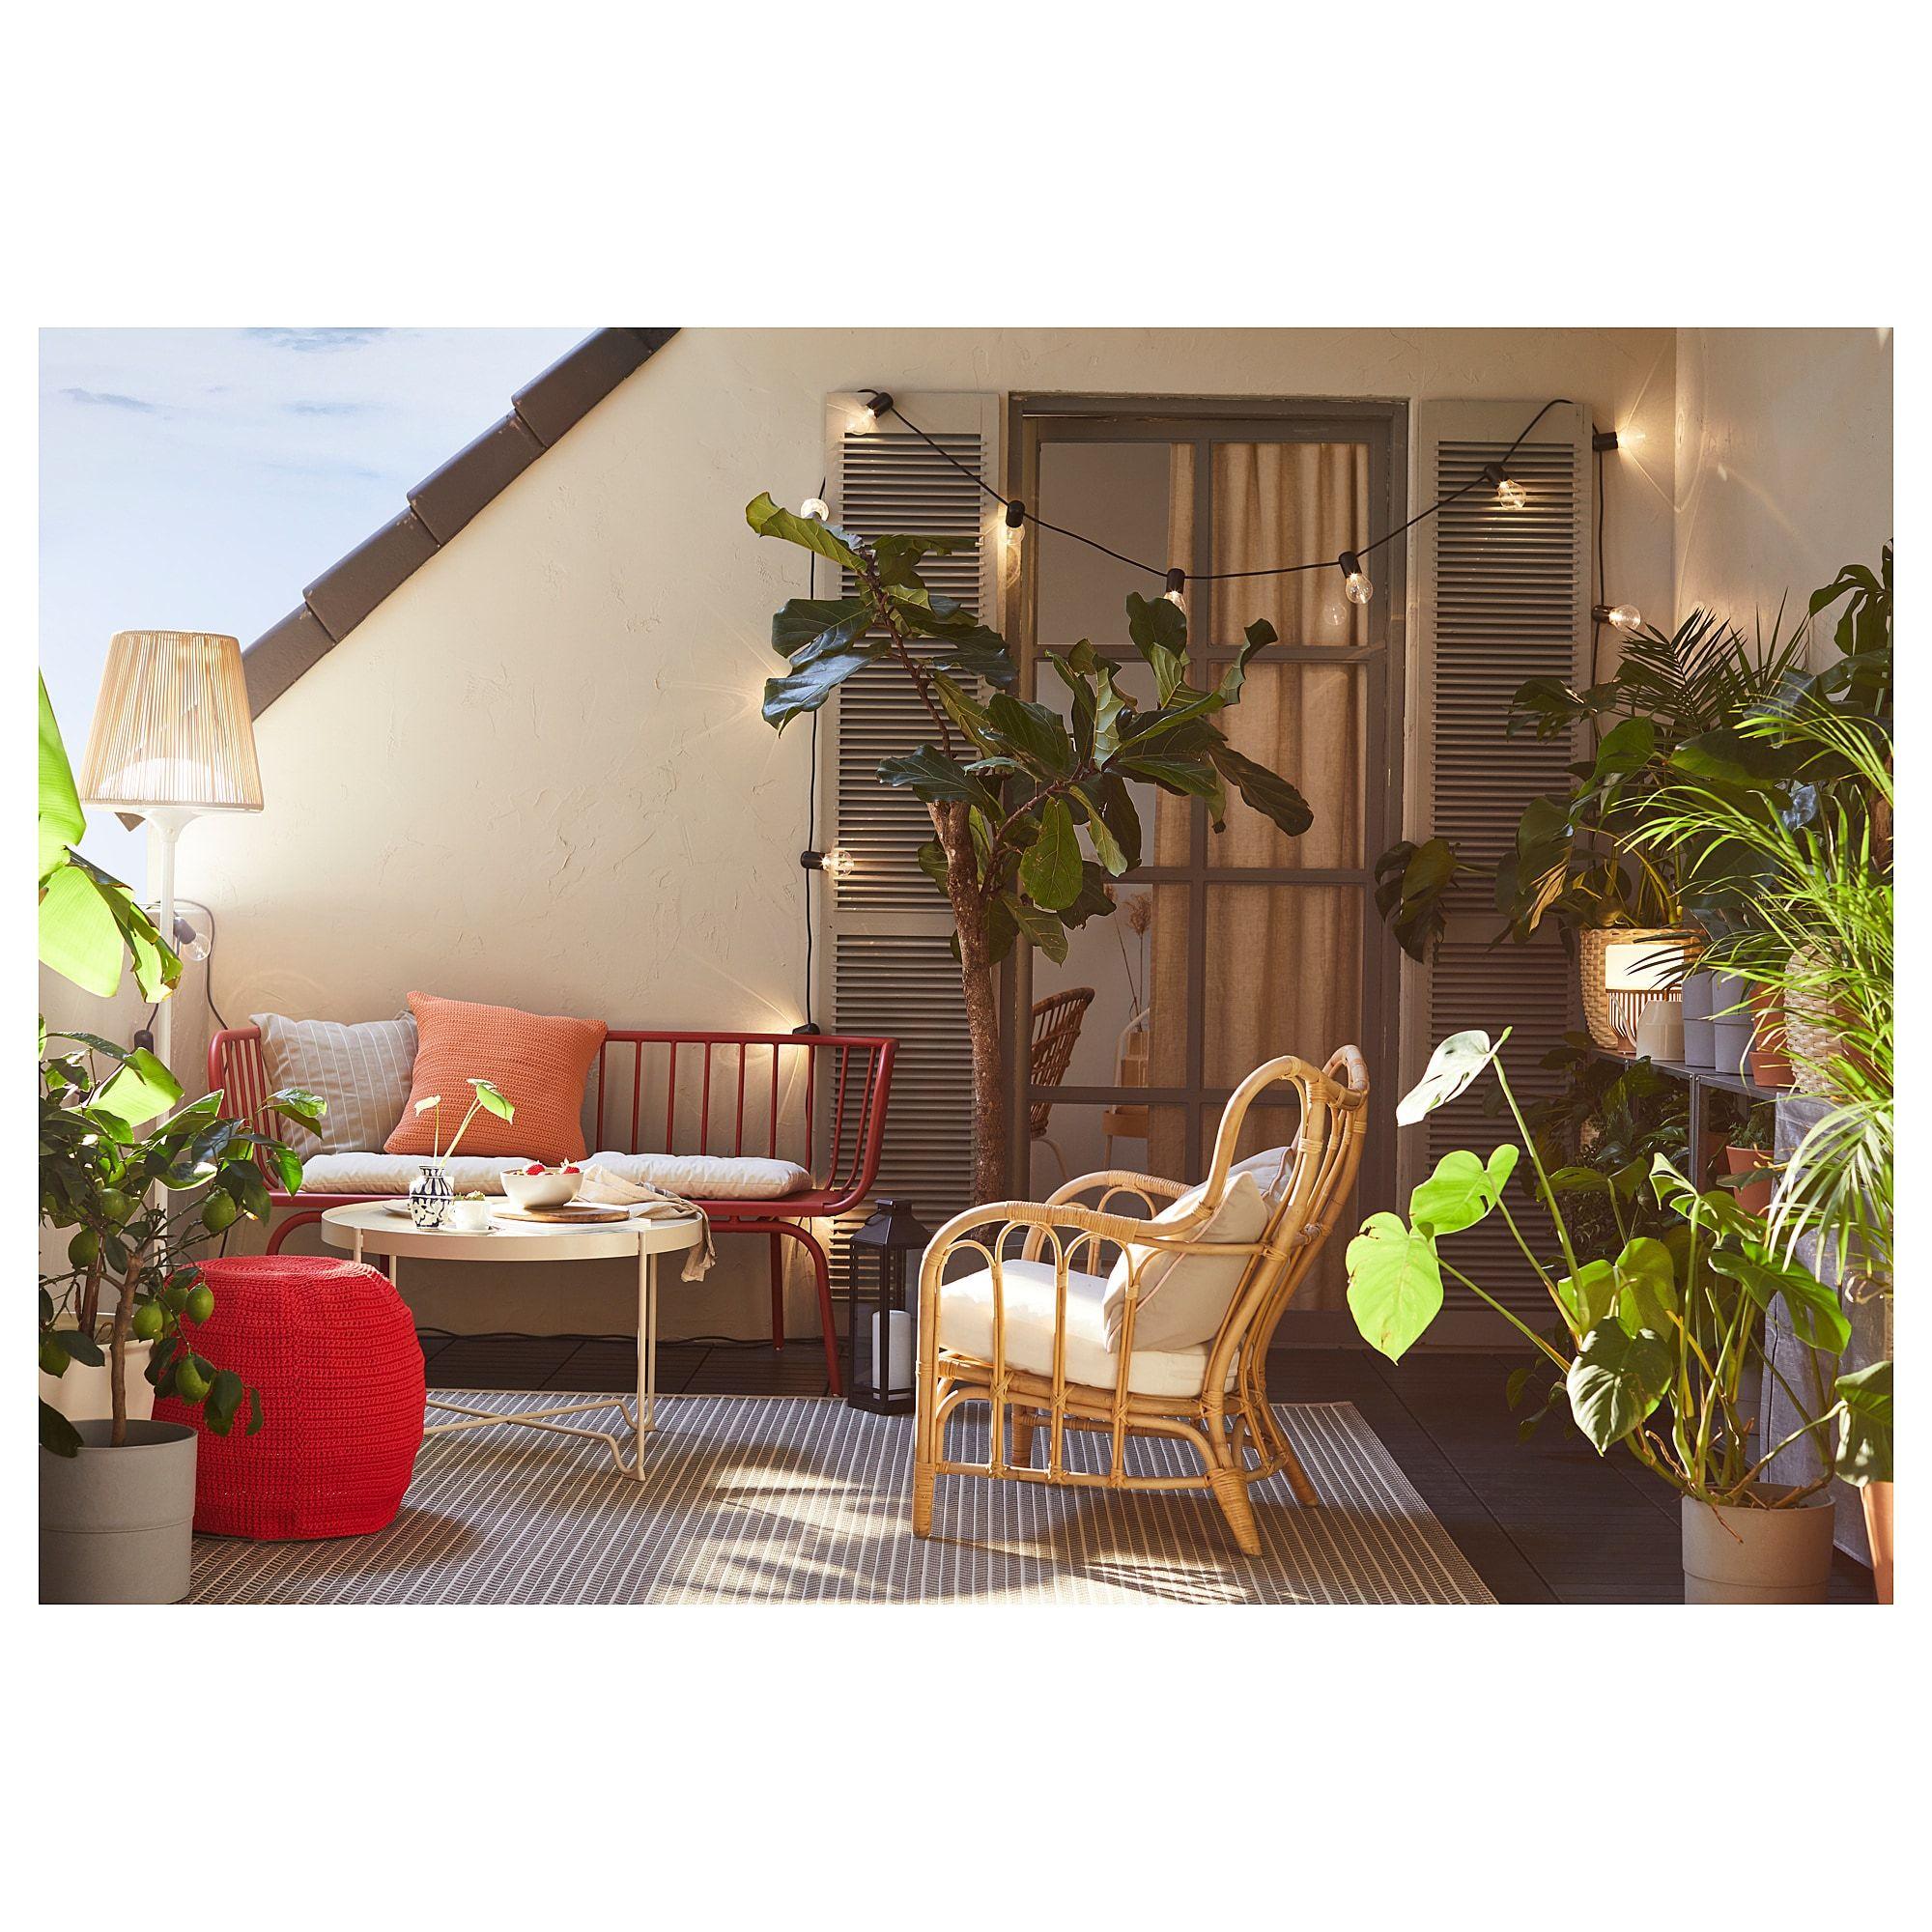 Brusen Sofa Outdoor Red Ikea Buitenwoonkamer Tuinsets Buitenruimte [ 2000 x 2000 Pixel ]